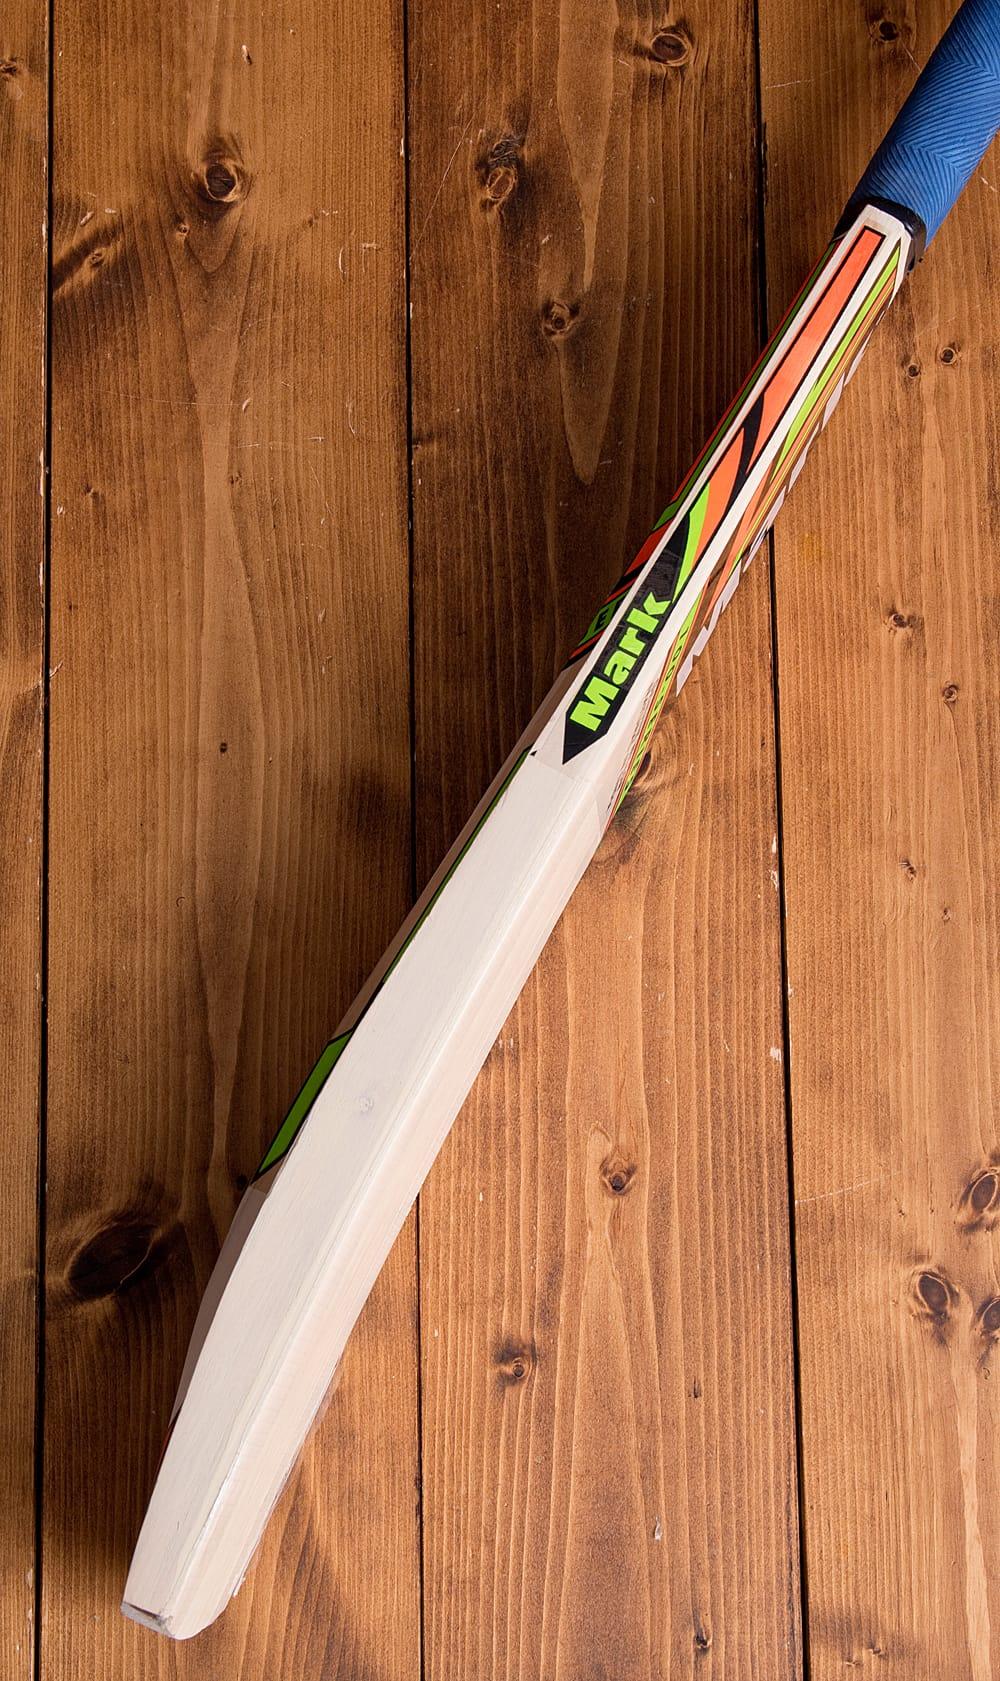 クリケットバット - Mark 100 series 4 - 横からの写真です